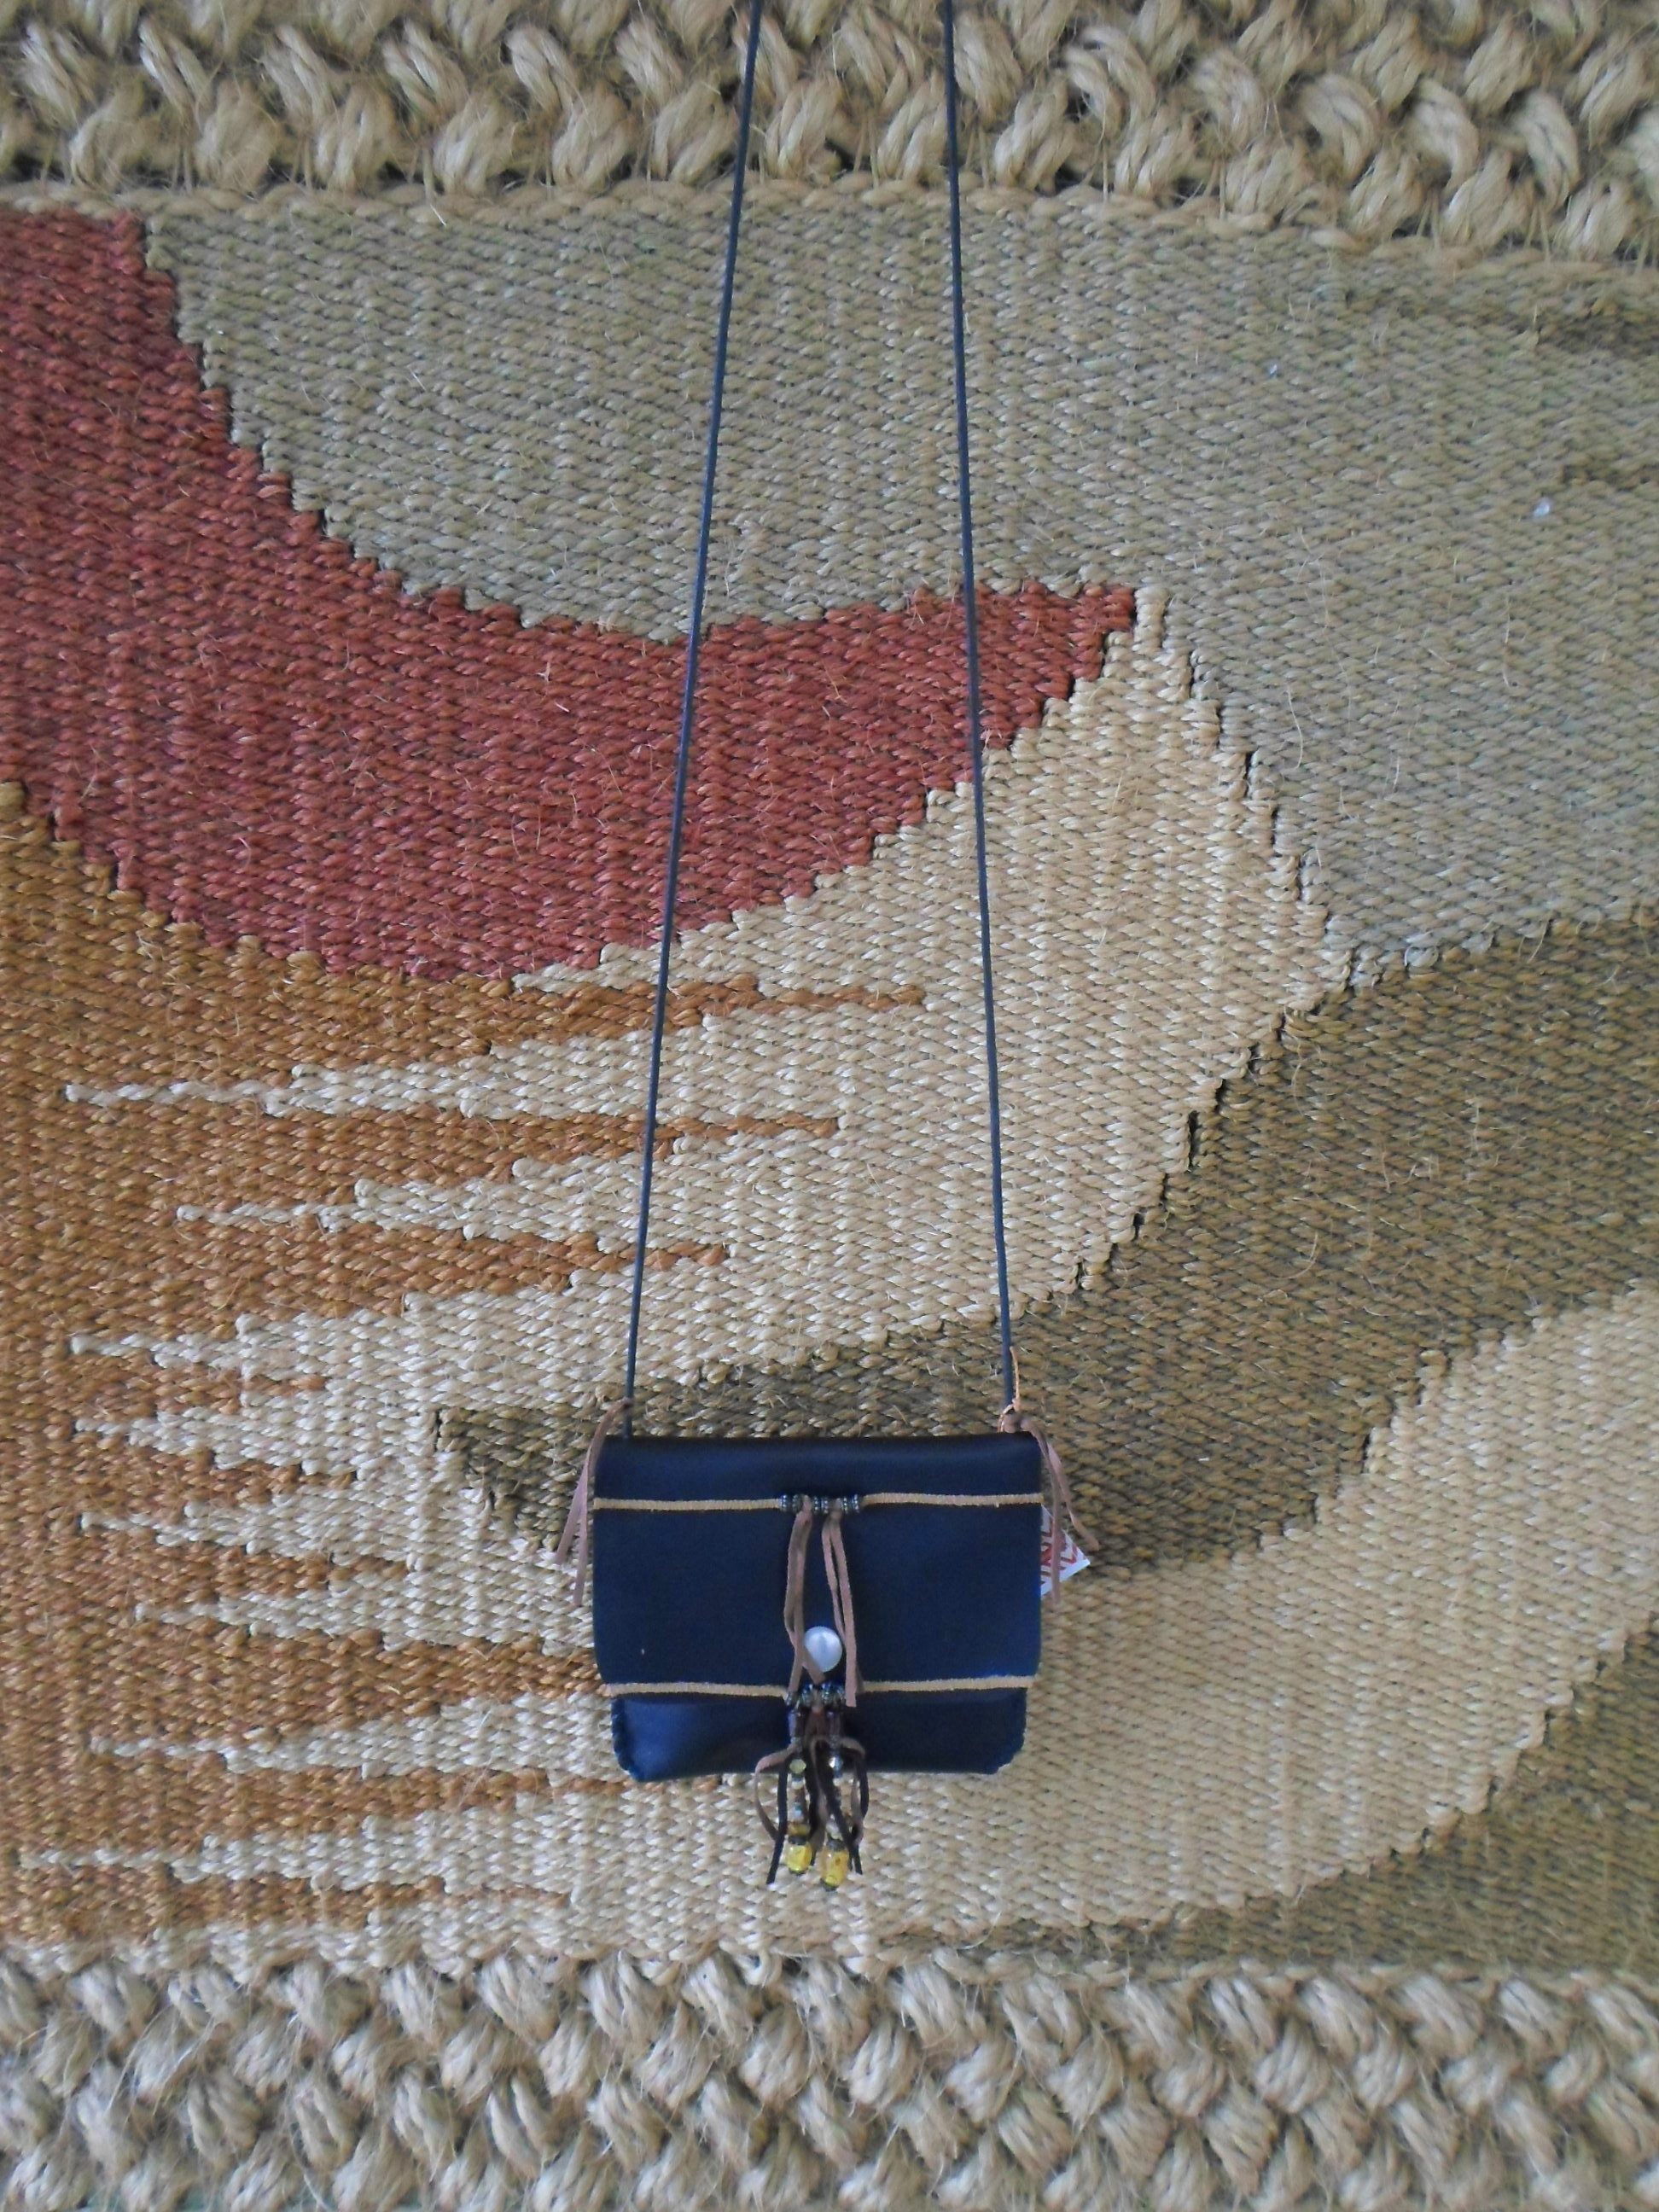 Bolsa De Couro Legitimo Pequena : Bolsa pequena transversal elo